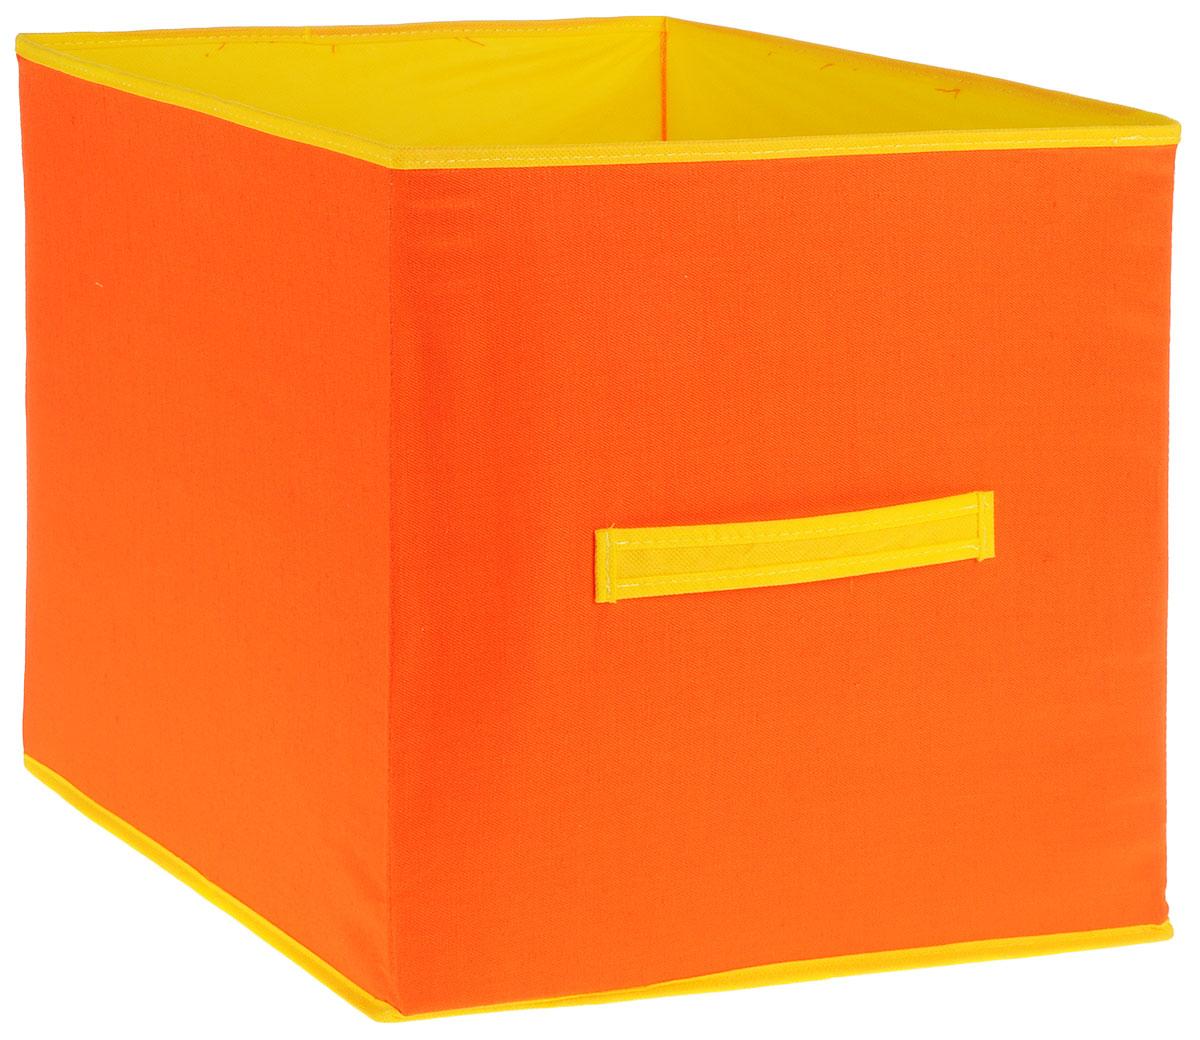 Коробка для игрушек Все на местах Sunny Jungle, цвет: желтый, оранжевый, 40 х 40 х 40 см12723Коробка с крышкой для хранения игрушек выполнена из высококачественного нетканого материала (спанбонда), который обеспечивает естественную вентиляцию, позволяя воздуху проникать внутрь, но не пропускаетпыль. Вставки из ПВХ хорошо держат форму.Такая коробка легко разбирается и собирается, она поможет удобно хранить игрушки. Размер коробки: 40 см х 40 см х 40 см.